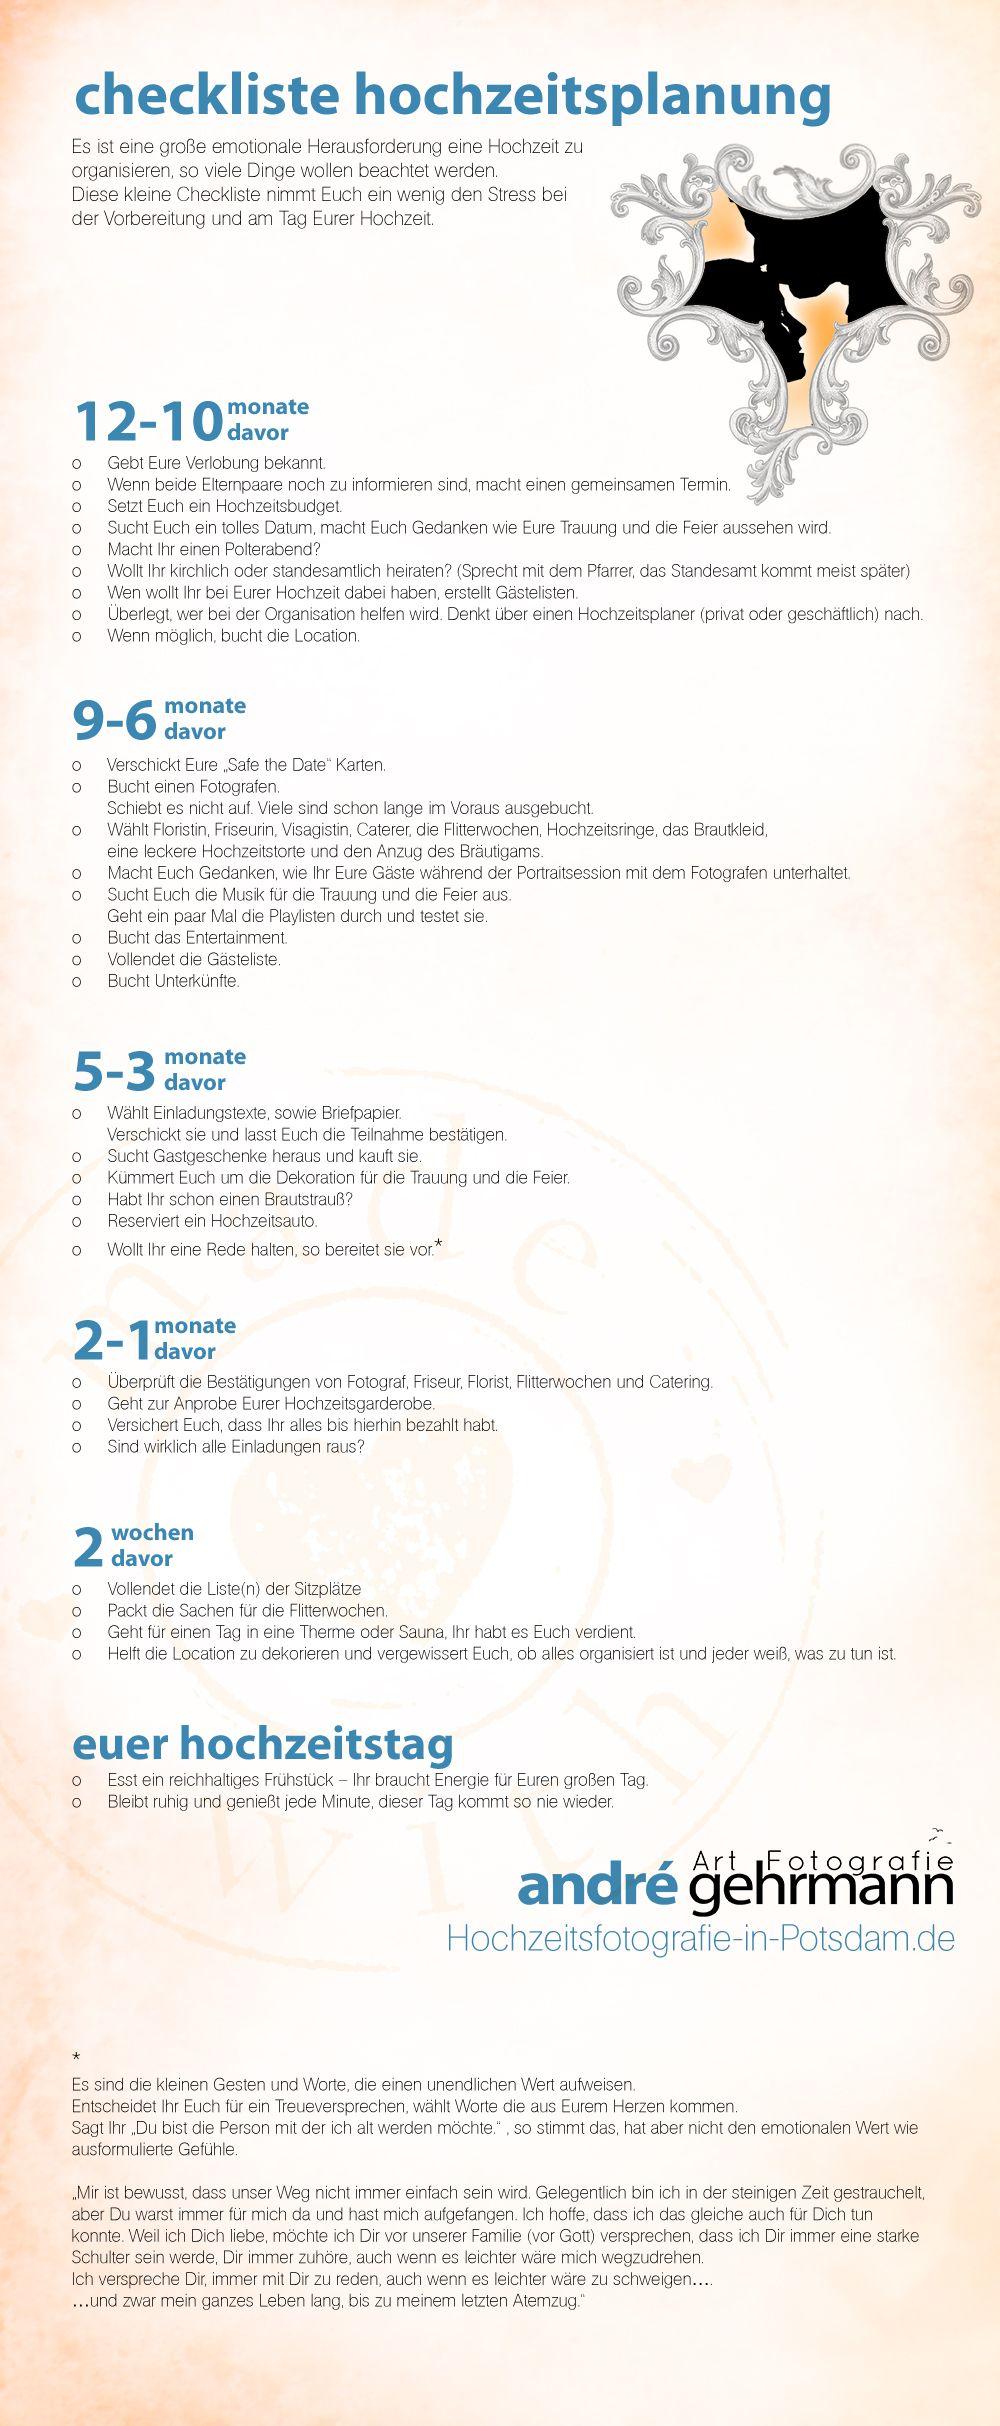 checkliste hochzeit 12 monate davor es ist eine gro e emotionale herausforderung eine hochzeit. Black Bedroom Furniture Sets. Home Design Ideas